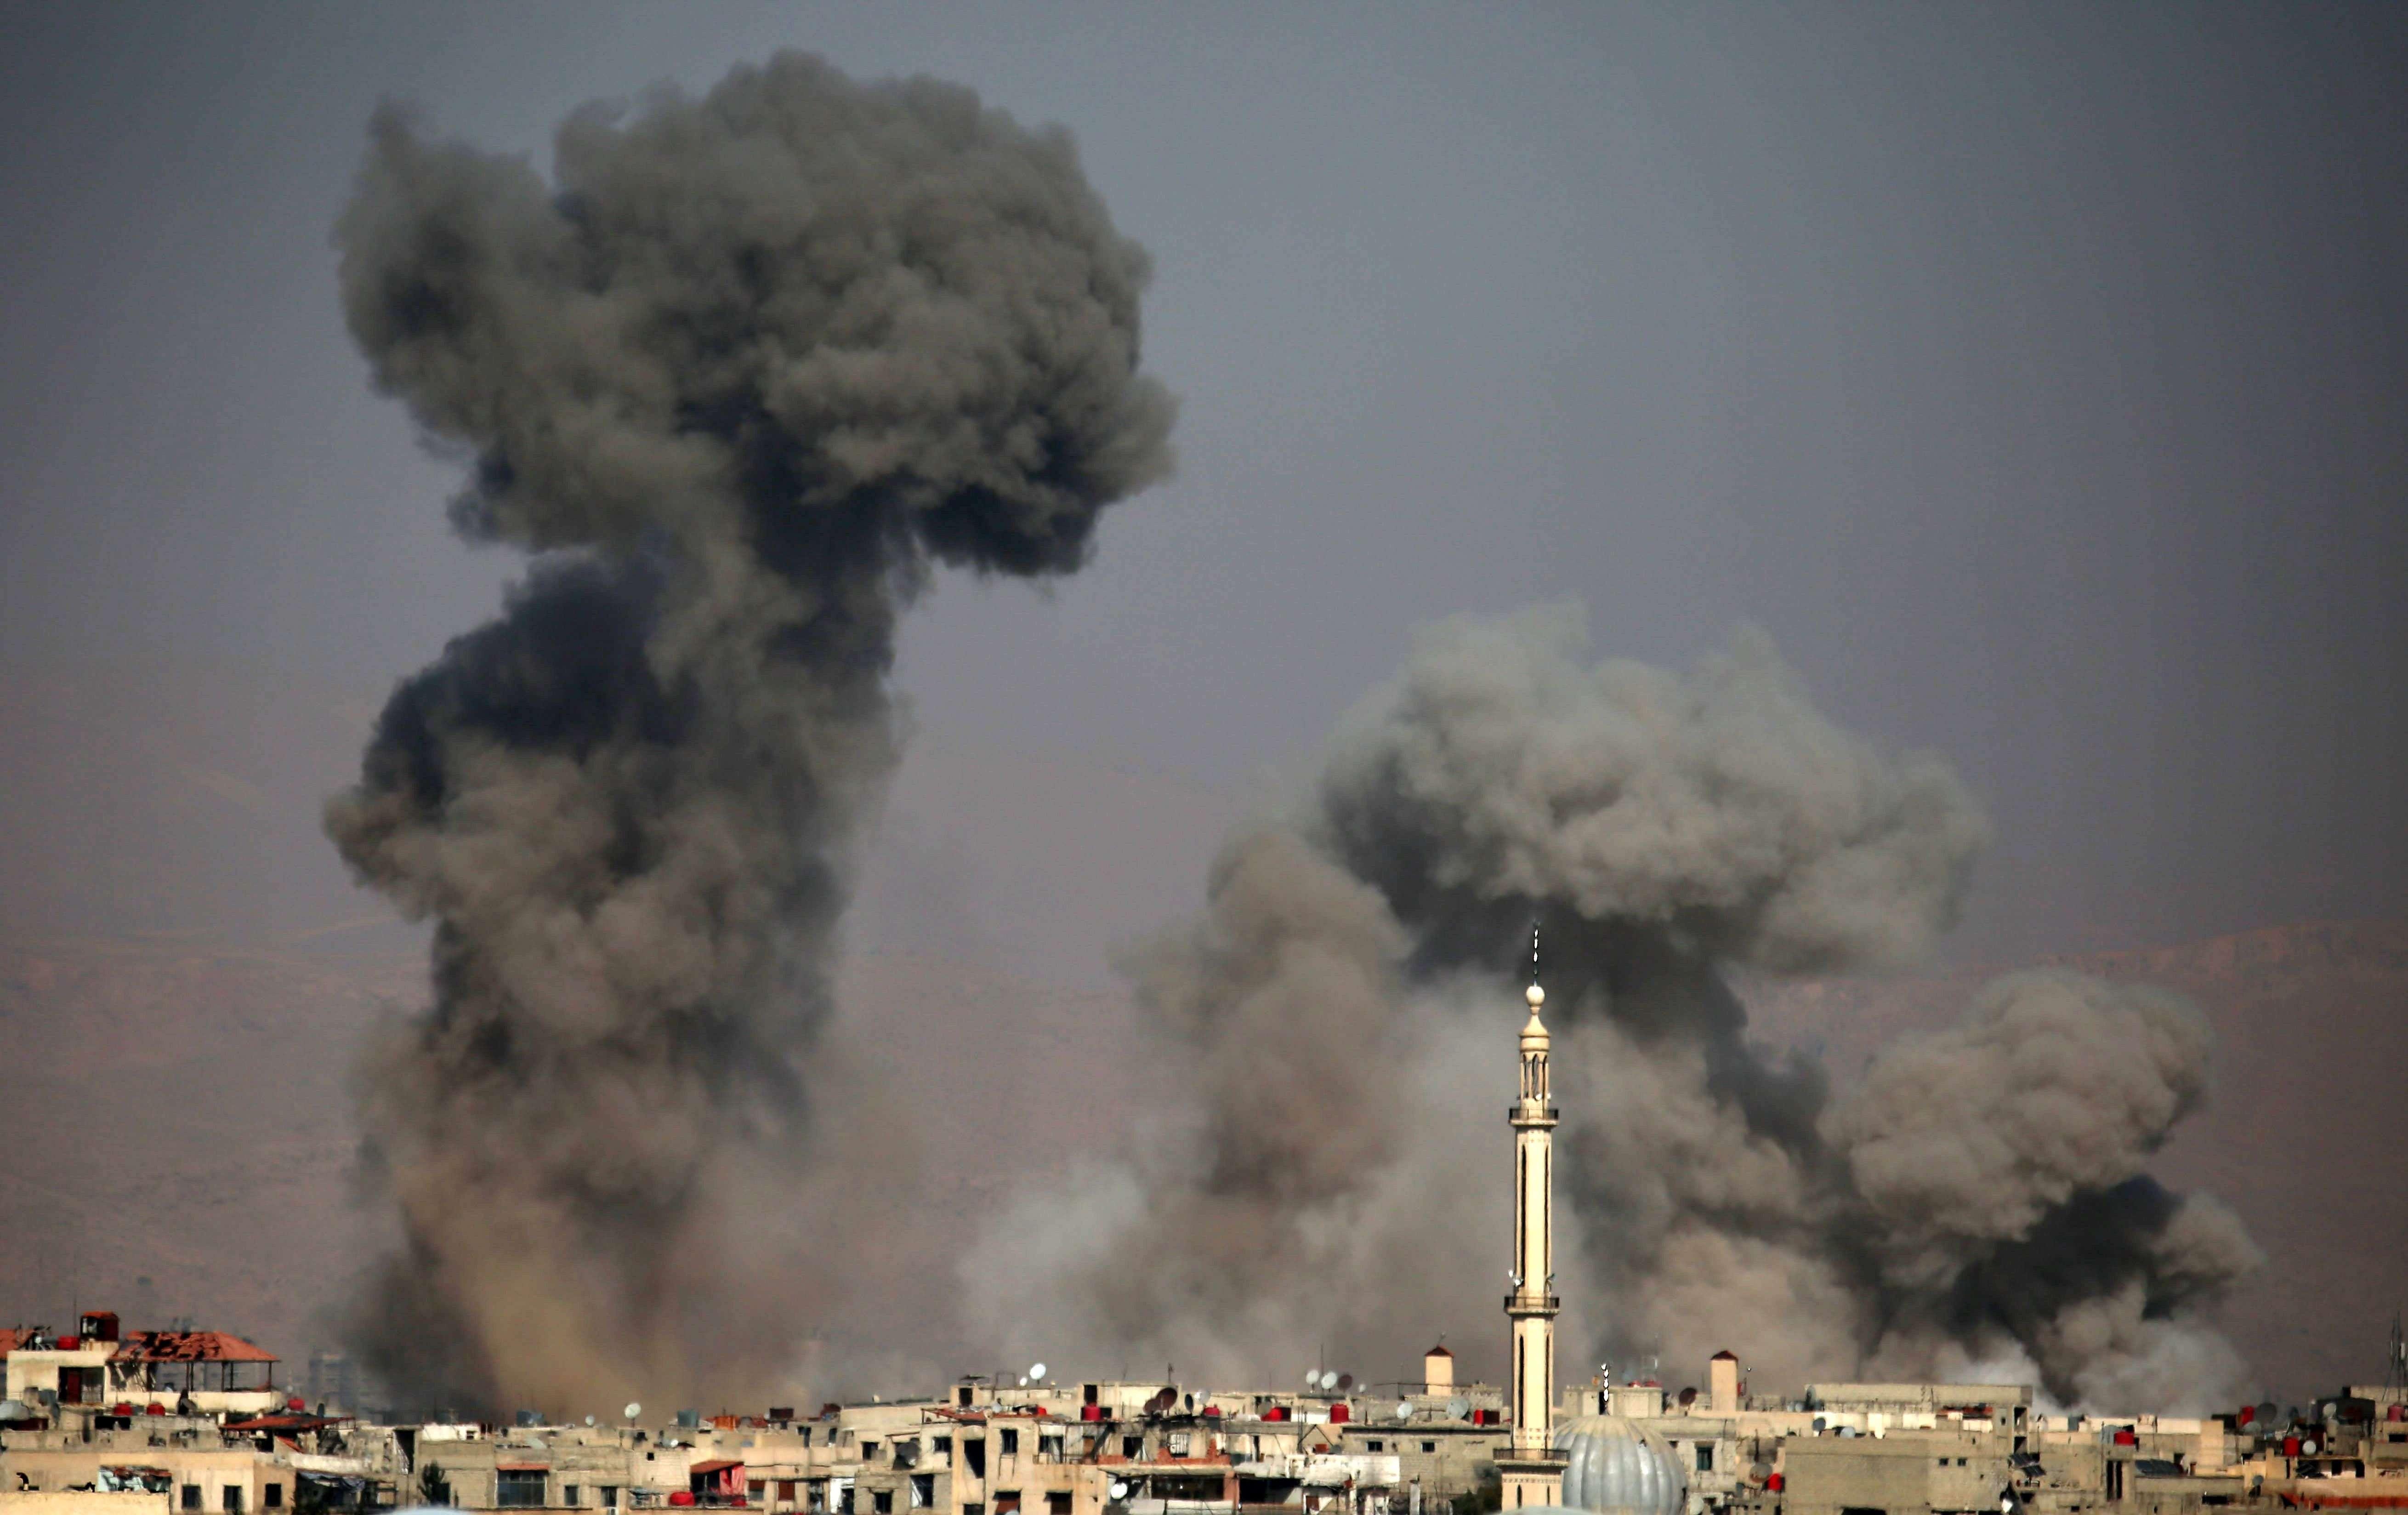 Une vue d'Arbin après une série d'explosions, le 7 février.